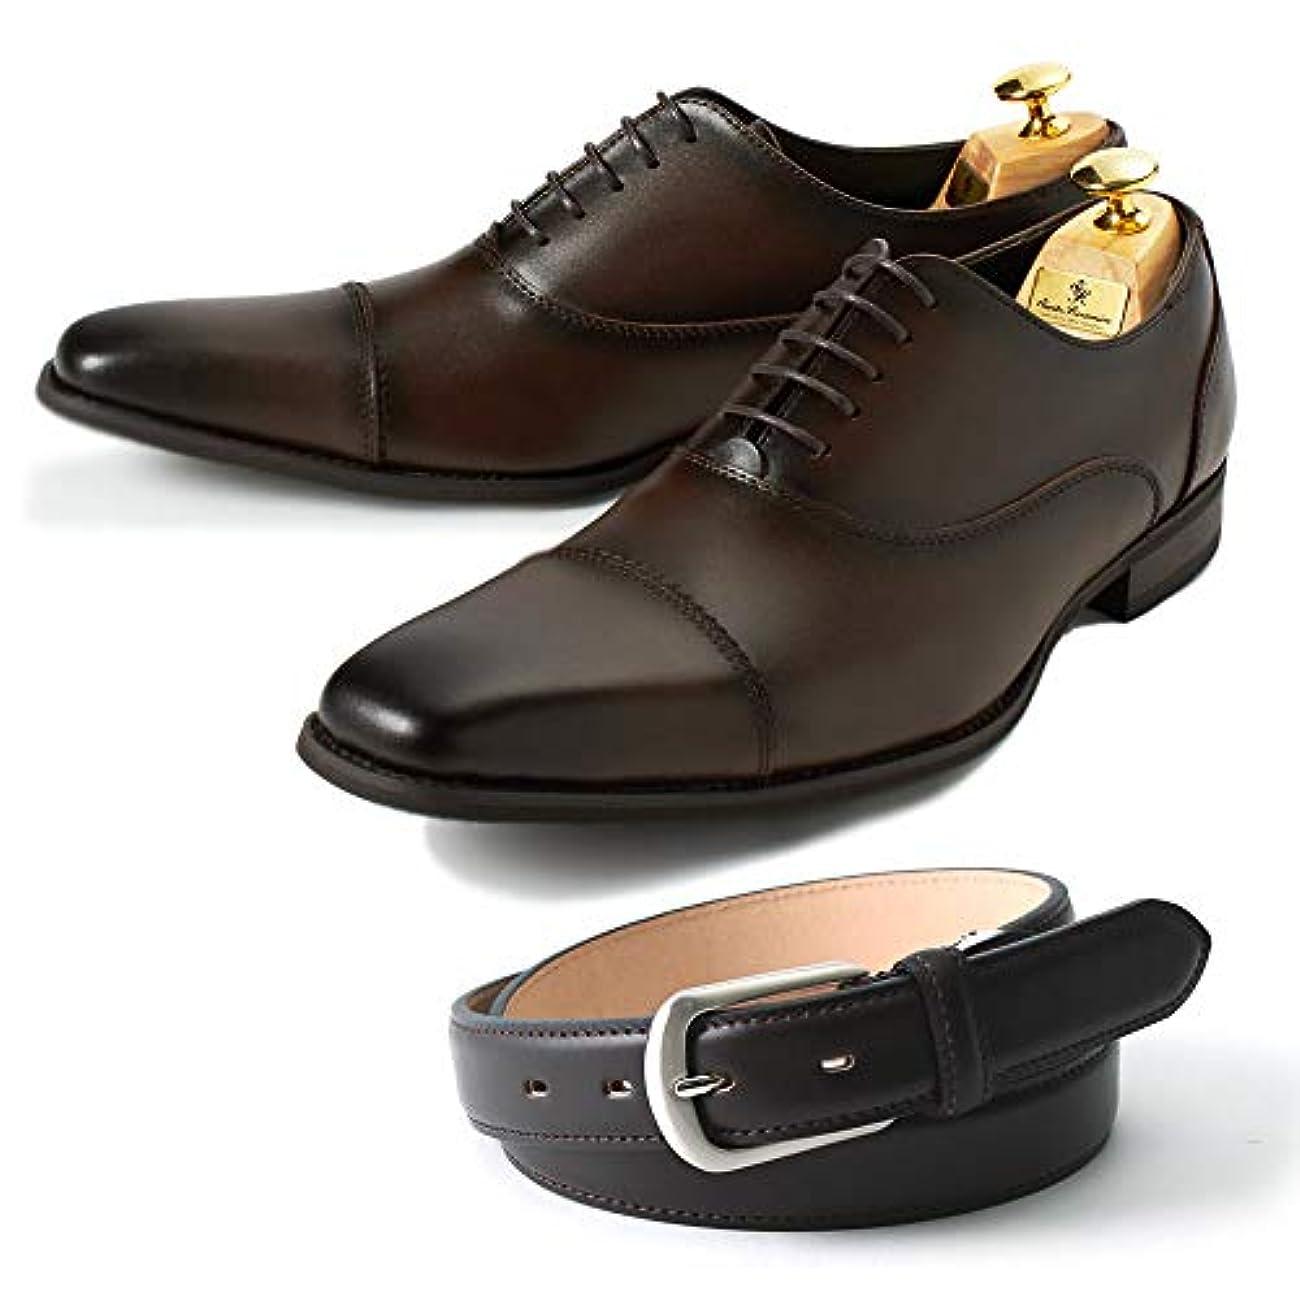 舞い上がる北米統計的日本製 本革 ビジネスシューズ+ベルト 2点セット革靴 ブラック